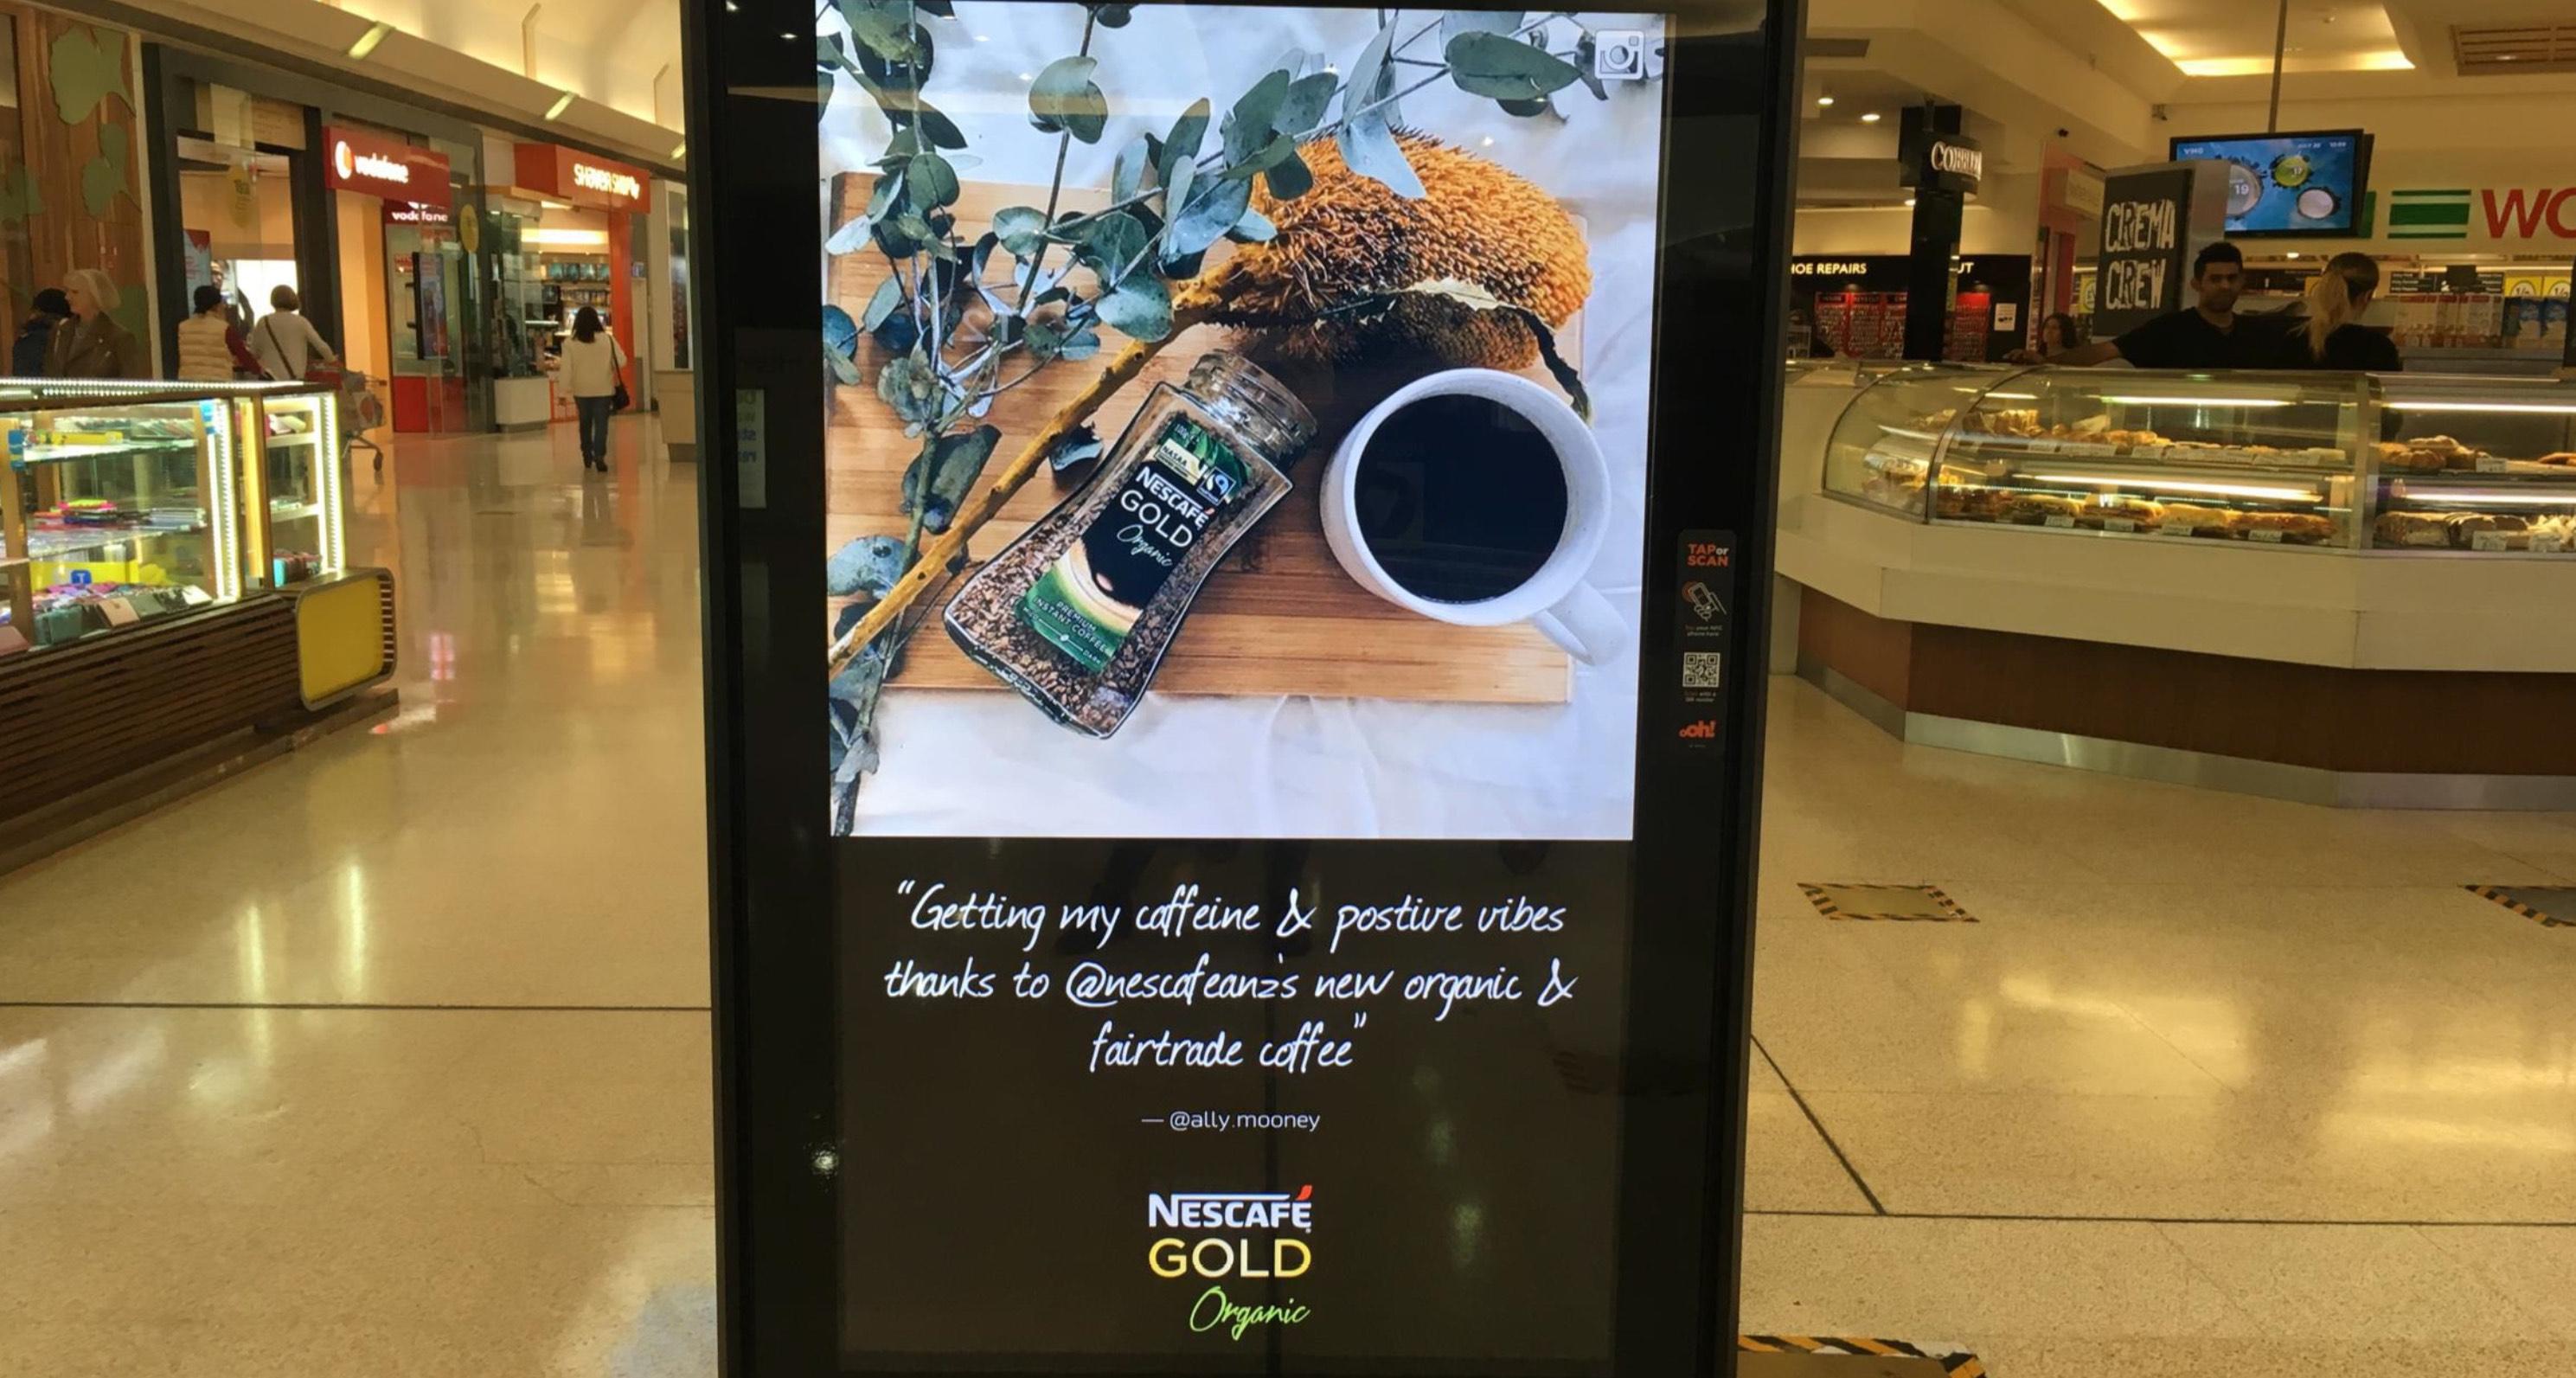 Nestlé Partners With Social Soup & Mec For NescafÉ Gold Organic Launch photo